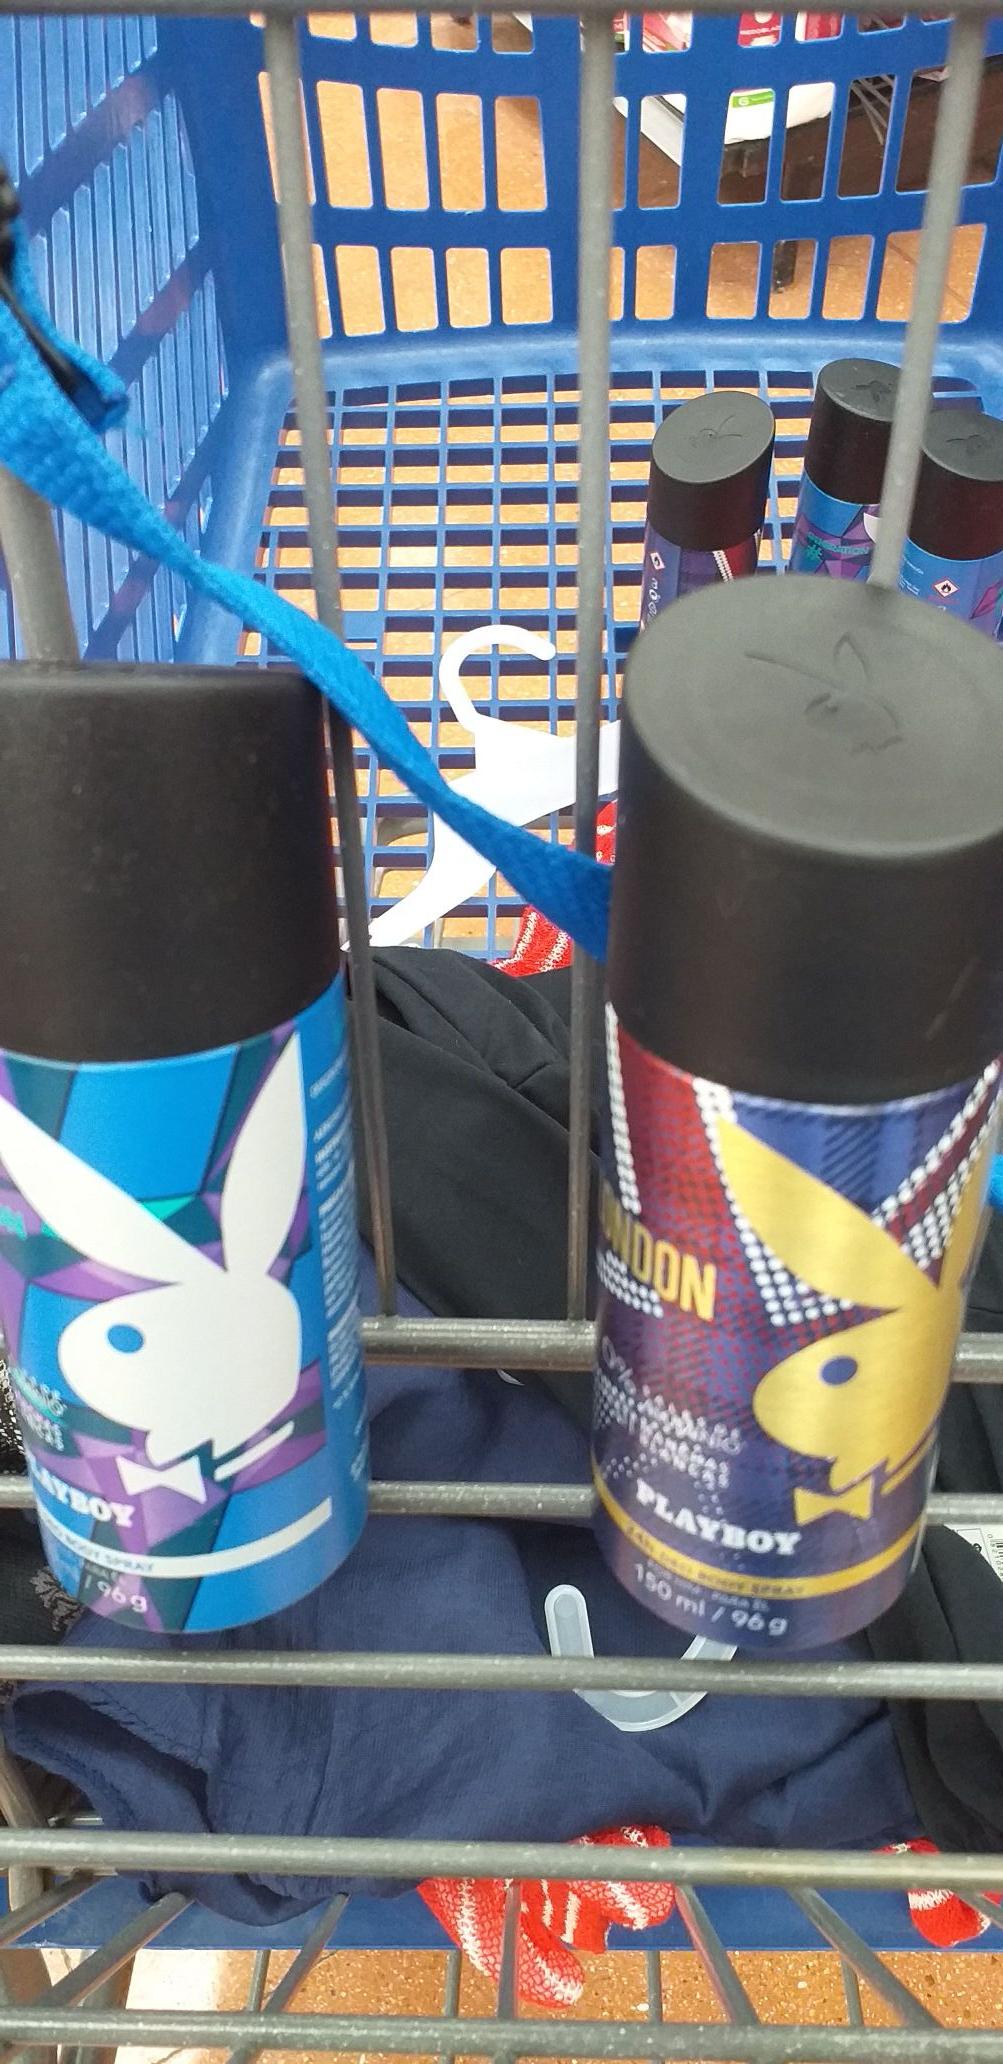 Walmart tezontle Desodorante para hombre Playboy a $20.03